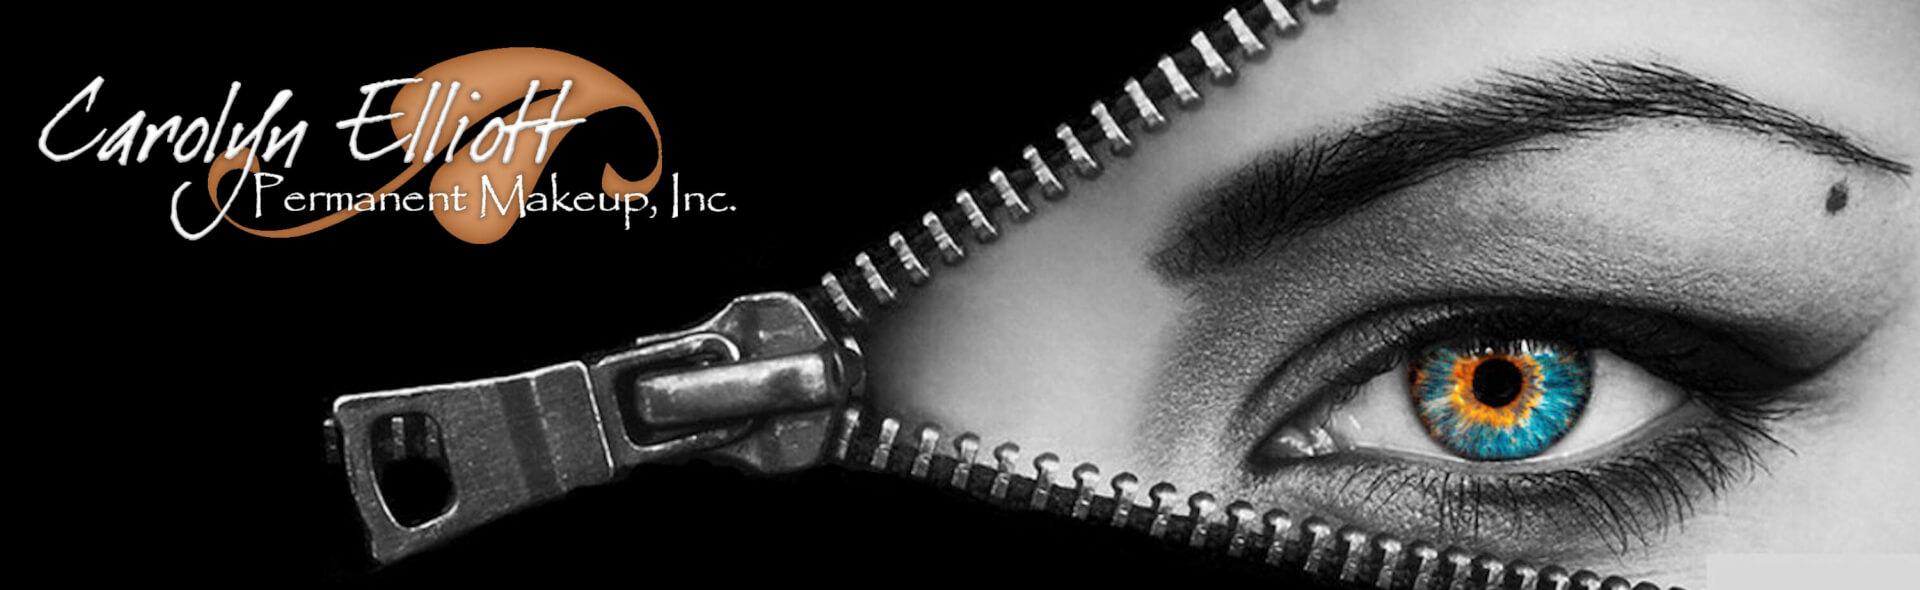 Carolyn Elliott - Company Logo